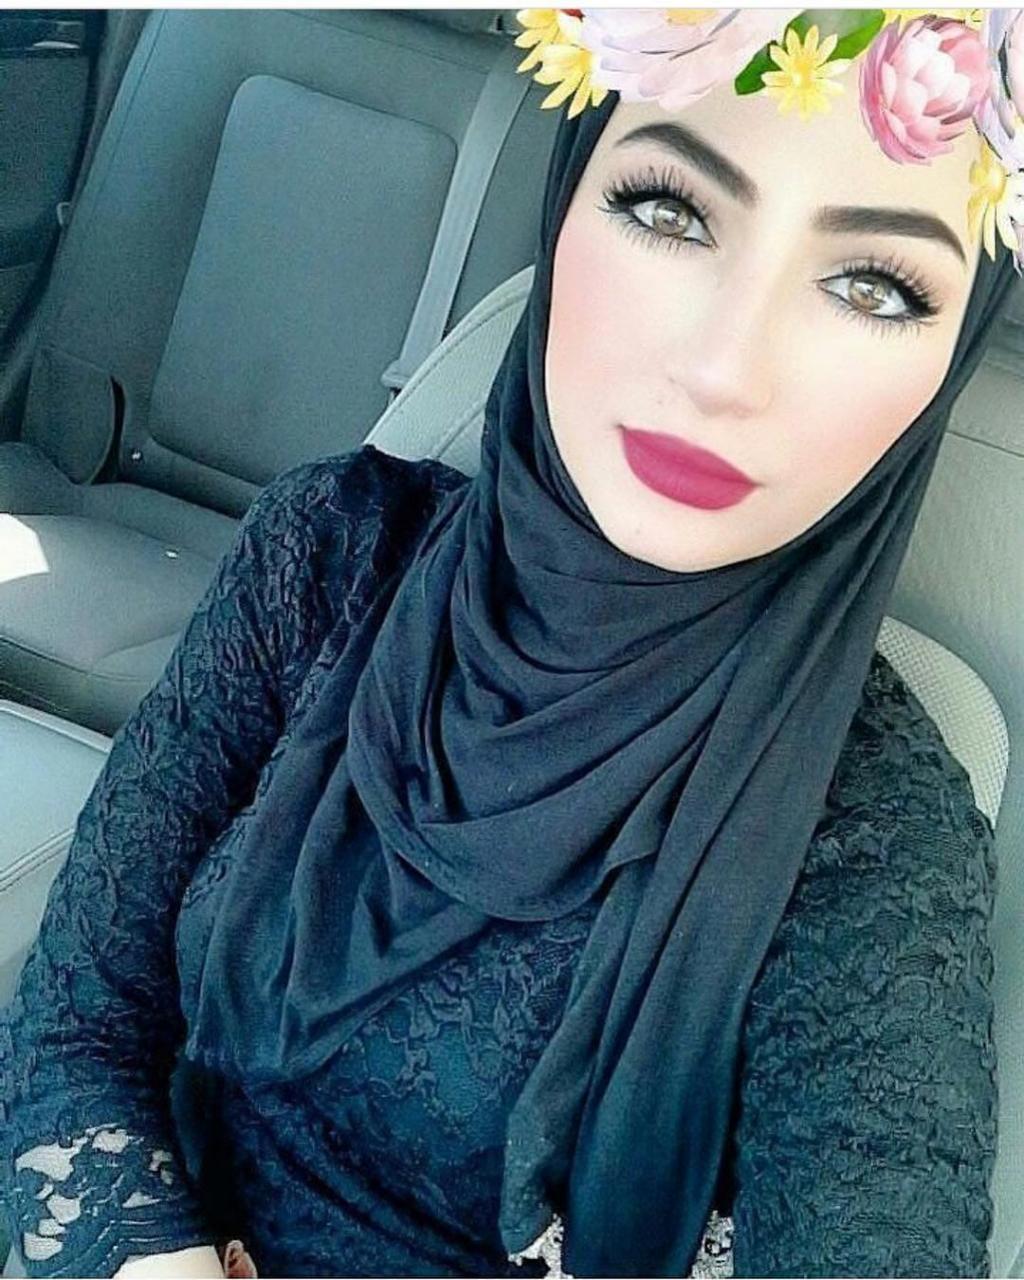 صورة بنات ايران, ماشاء الله على الجمال 2371 9